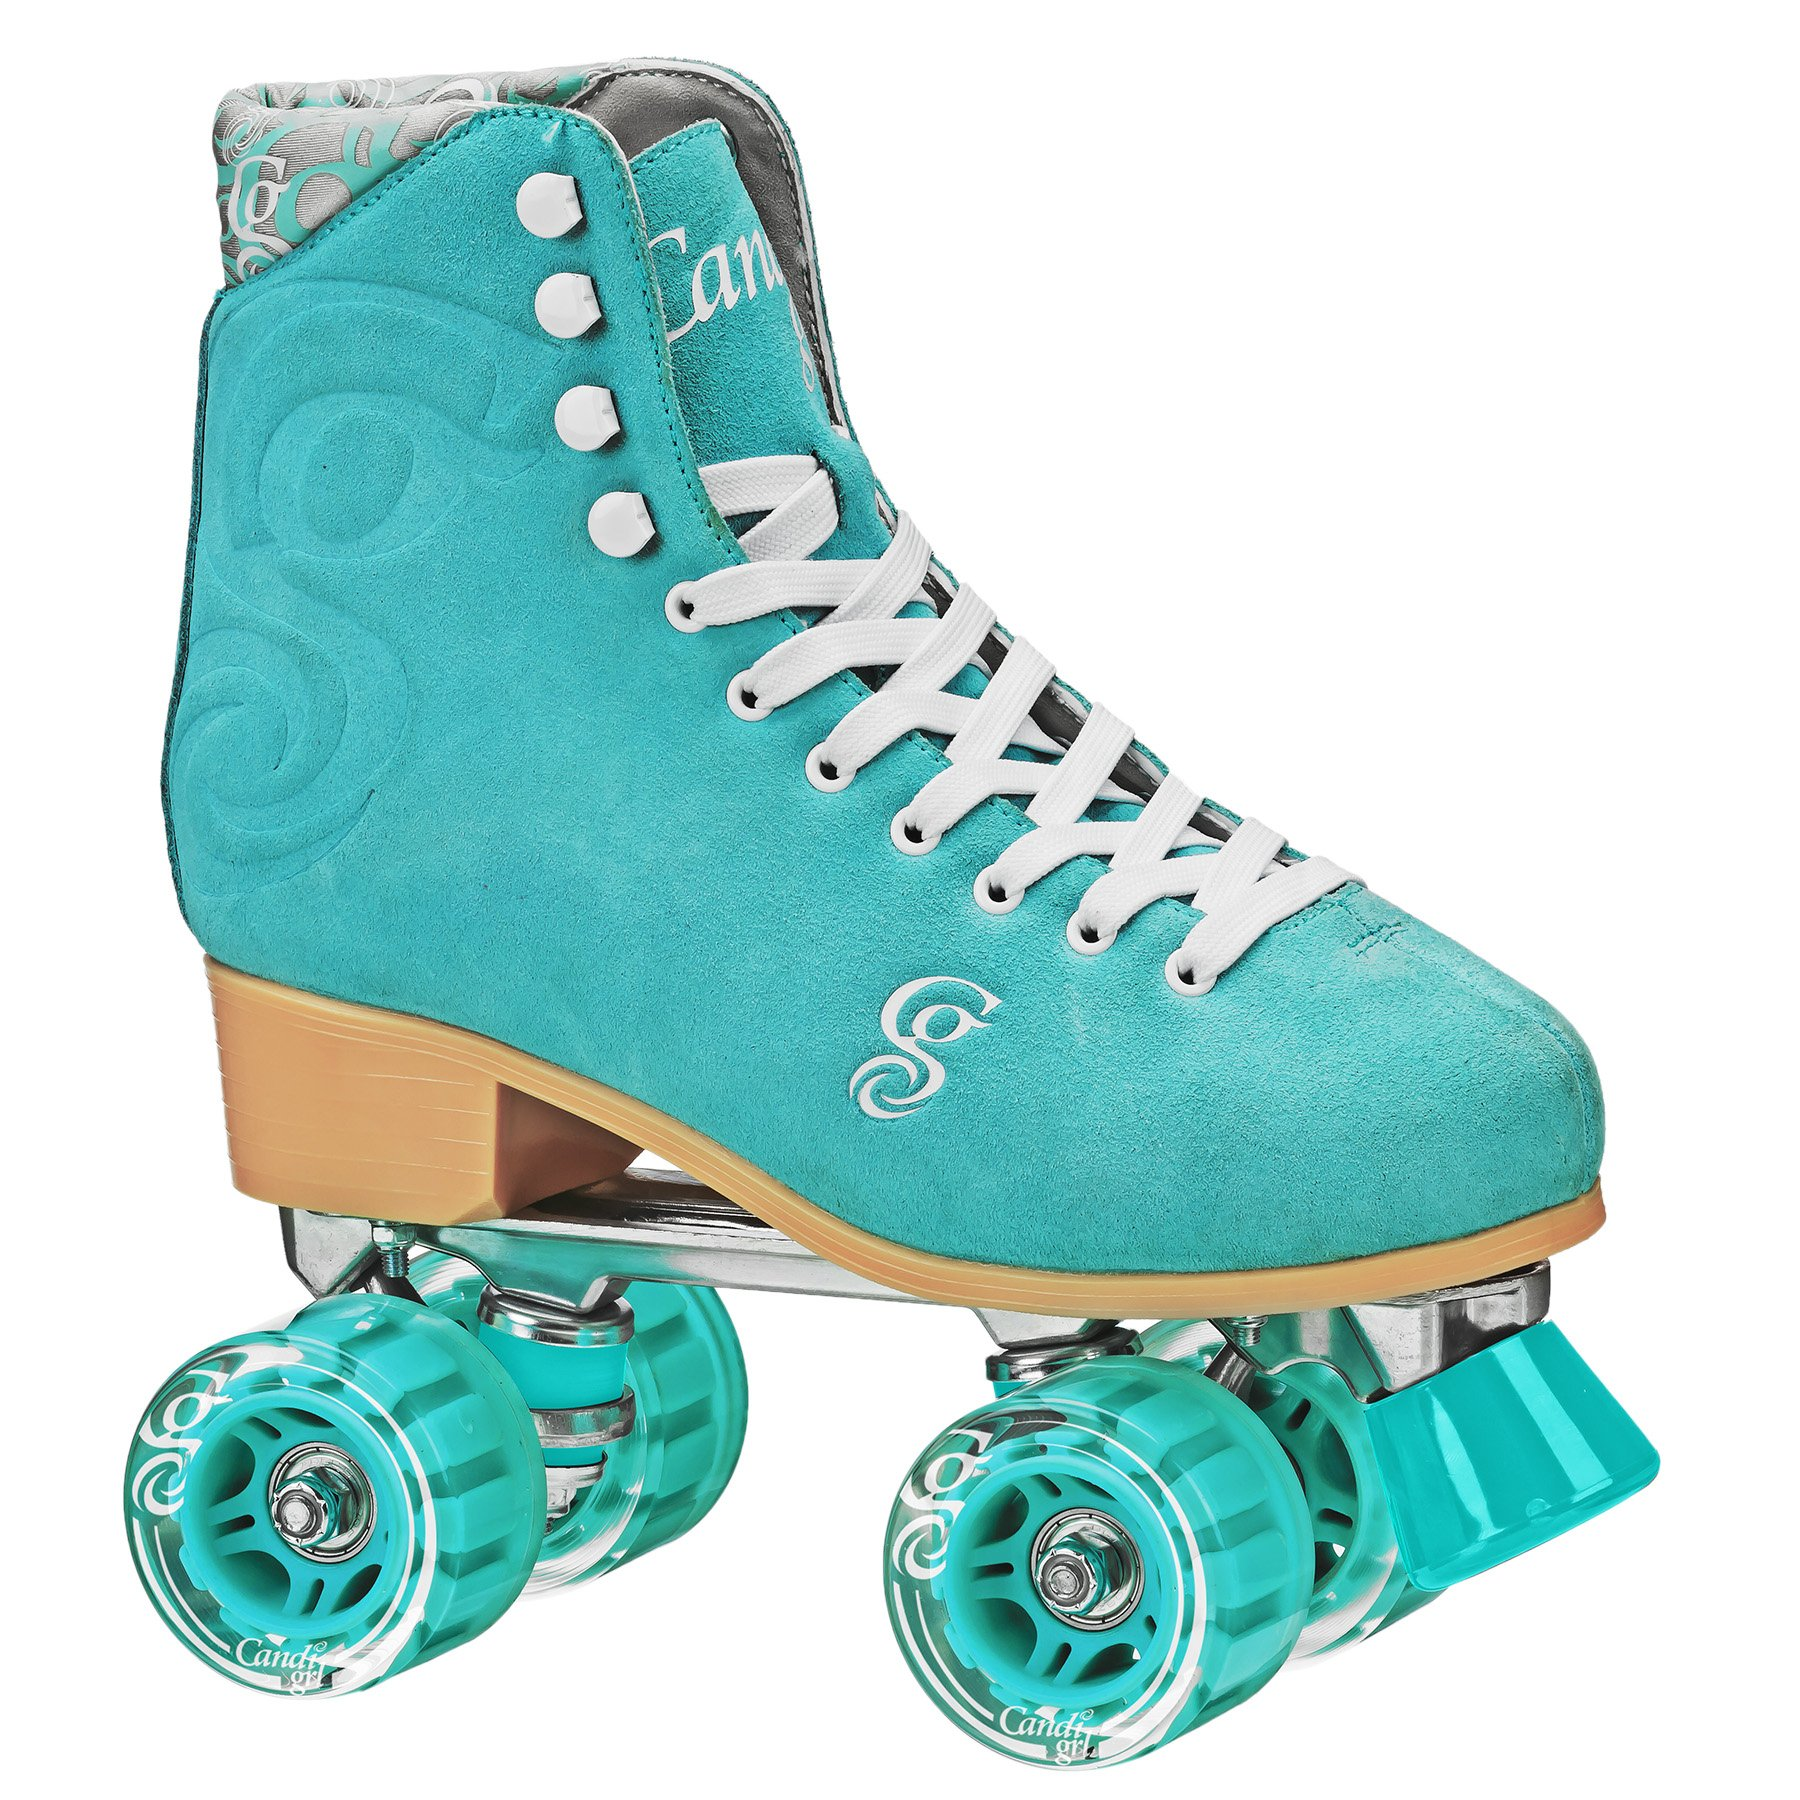 Roller Derby Candi Girl U774 Carlin Quad Artistic Roller Skates Seafoam Ladies sz 3